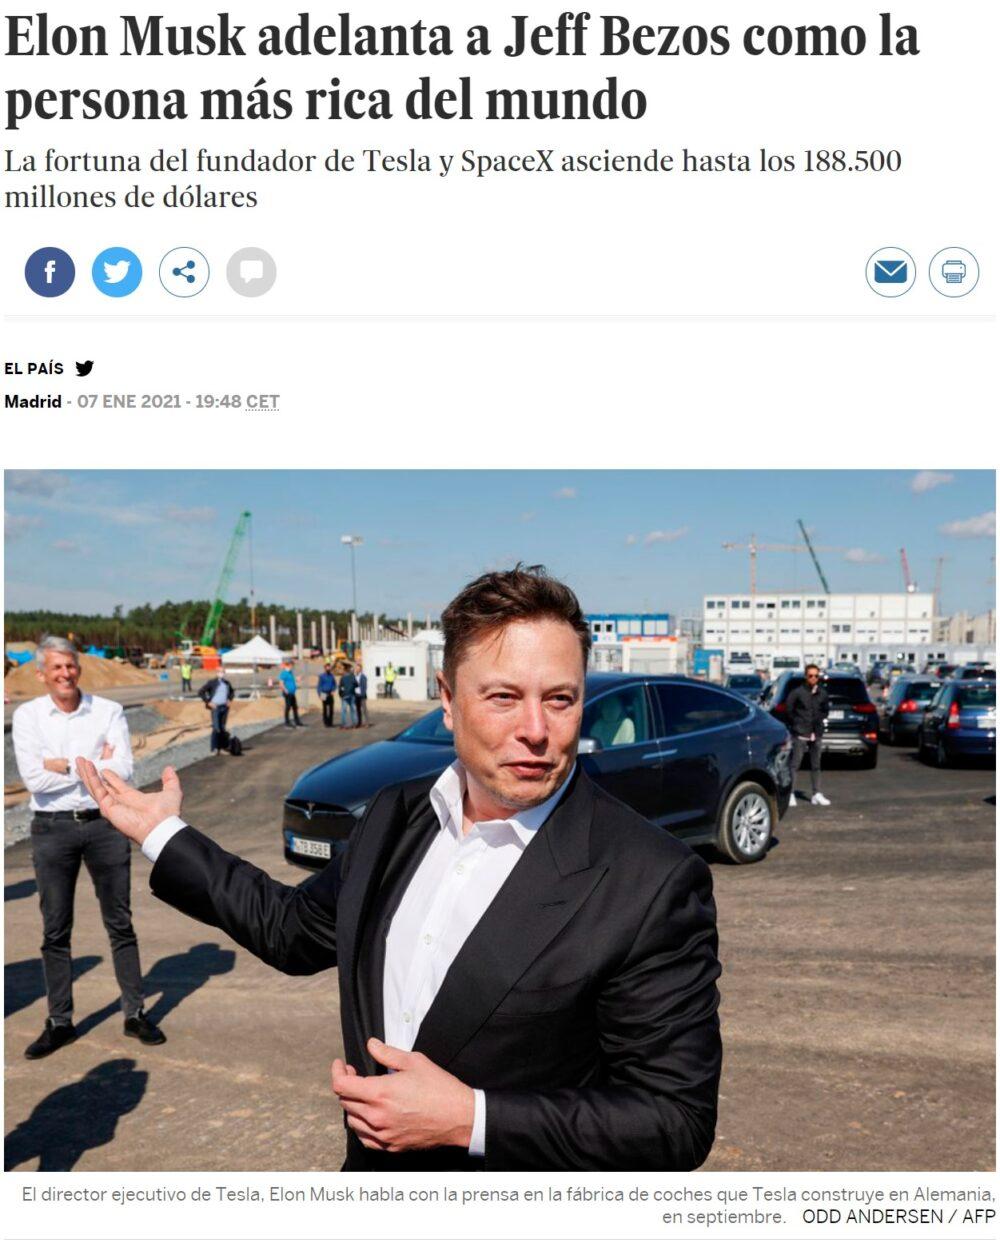 Buenos días a todos, sobre todo a Elon Musk